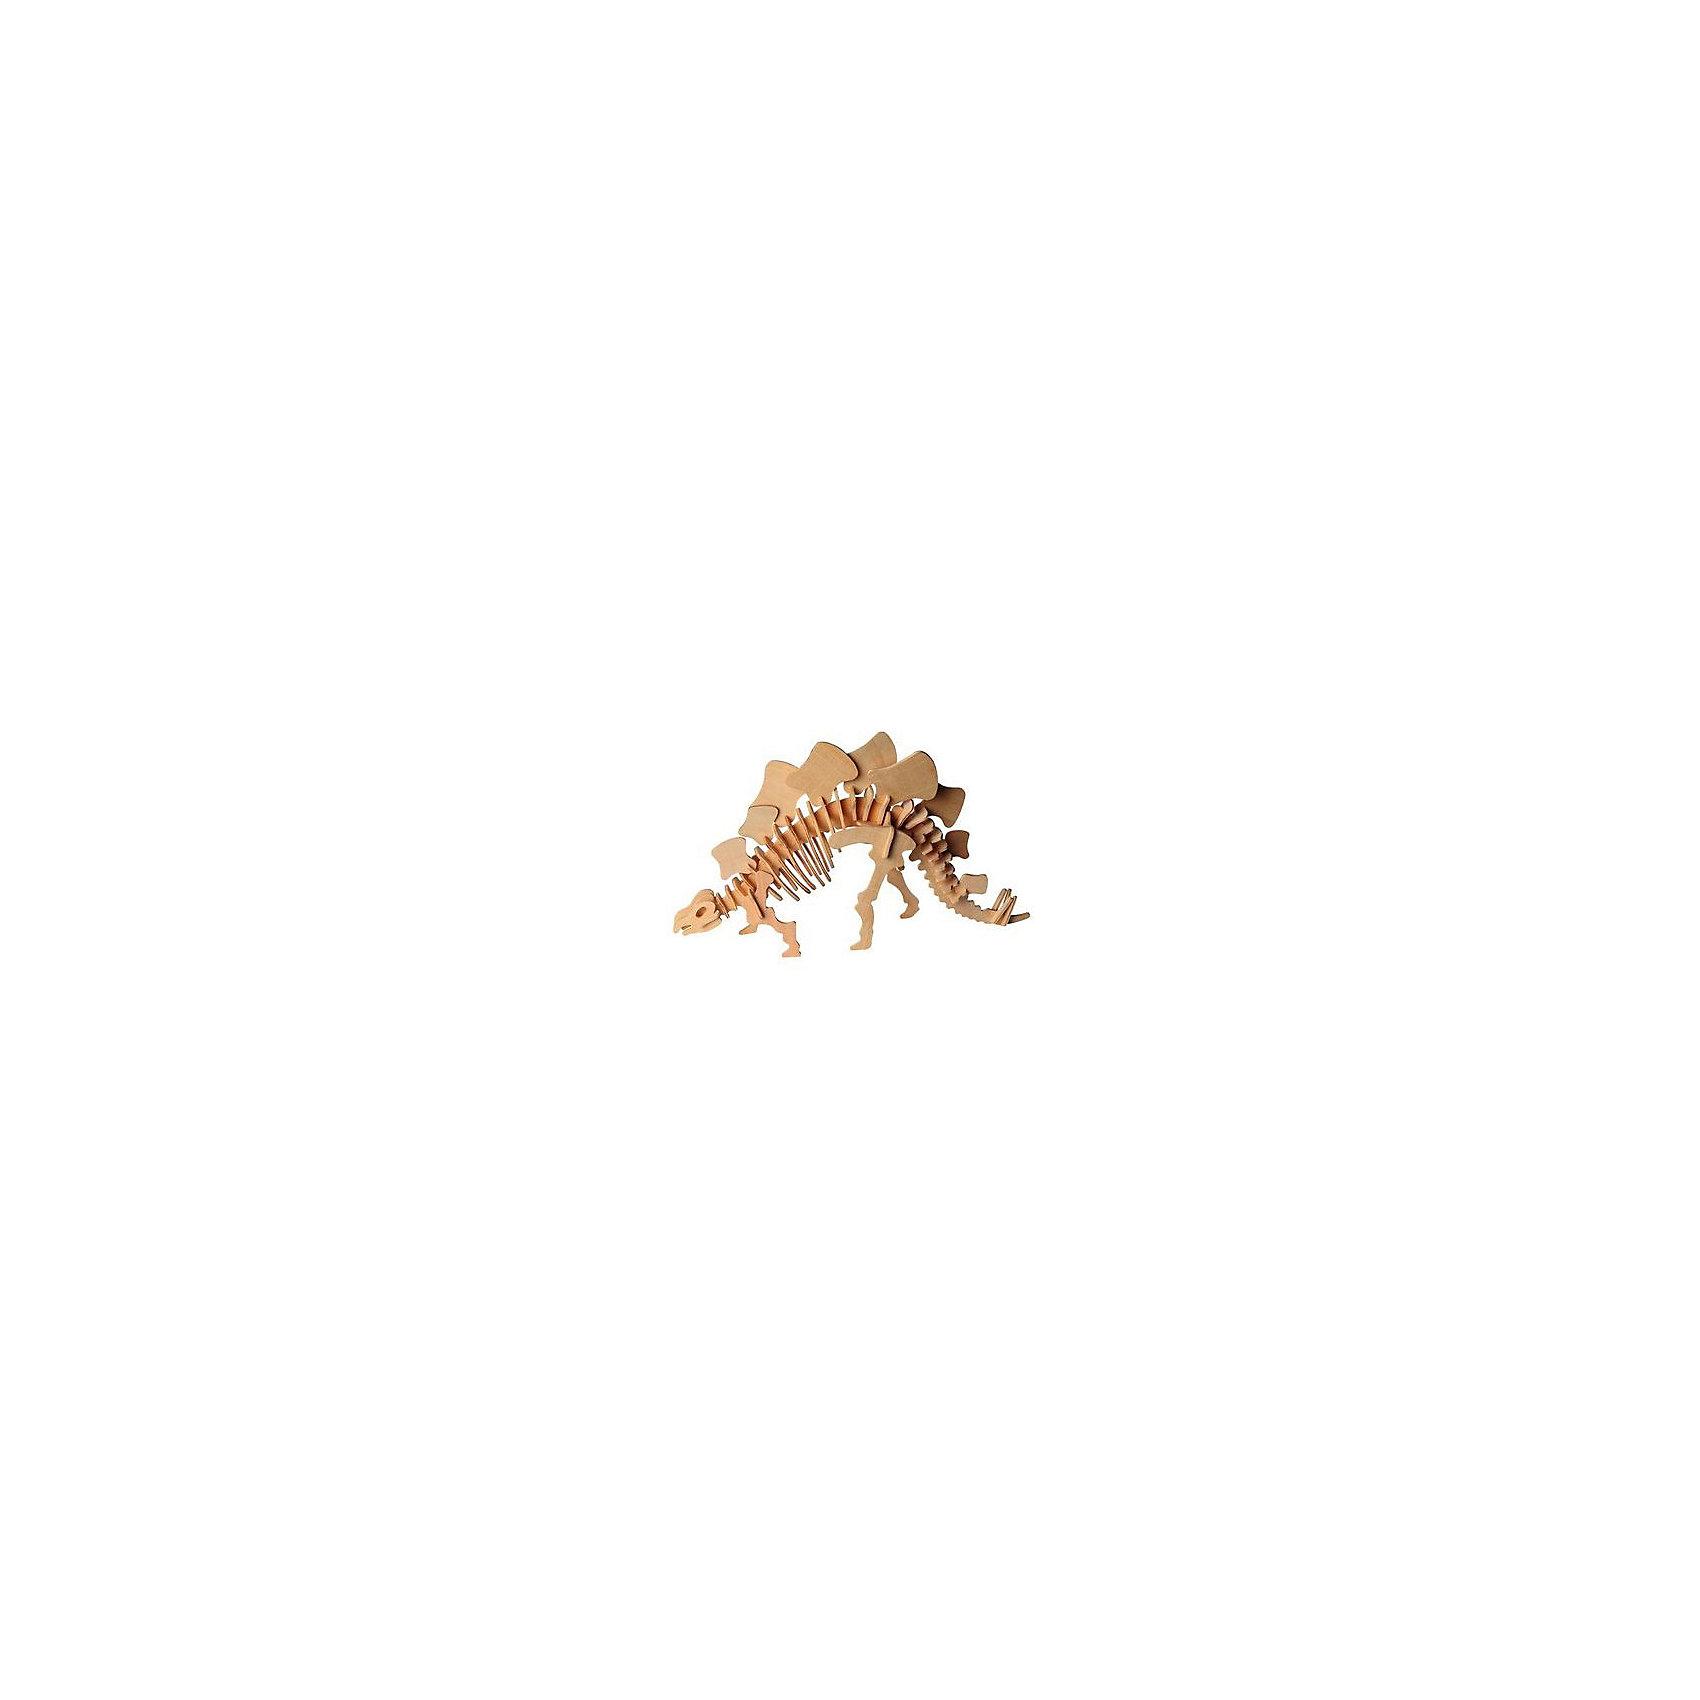 Стегозавр (2 серия Ж), Мир деревянных игрушекДеревянные модели<br>Бренд Мир деревянных игрушек дает ребенку возможность самому сделать красивую деревянную фигуру! Специально для любящих творчество и интересующихся вымершими животными были разработаны эти 3D-пазлы. Из них получаются красивые очень реалистичные фигуры, которые могут стать украшением комнаты.<br>Собирая их, ребенок будет учиться соотносить фигуры, развивать пространственное мышление, память и мелкую моторику. А раскрашивая готовое произведение, дети научатся подбирать цвета и будут развивать художественные навыки. Этот набор произведен из качественных и безопасных для детей материалов - дерево тщательно обработано.<br><br>Дополнительная информация:<br><br>материал: дерево;<br>цвет: бежевый;<br>элементы: пластины с деталями для сборки;<br>размер упаковки: 23 х 18 см.<br><br>3D-пазл Стегозавр (2 серия Ж) от бренда Мир деревянных игрушек можно купить в нашем магазине.<br><br>Ширина мм: 225<br>Глубина мм: 30<br>Высота мм: 180<br>Вес г: 846<br>Возраст от месяцев: 36<br>Возраст до месяцев: 144<br>Пол: Унисекс<br>Возраст: Детский<br>SKU: 4969048